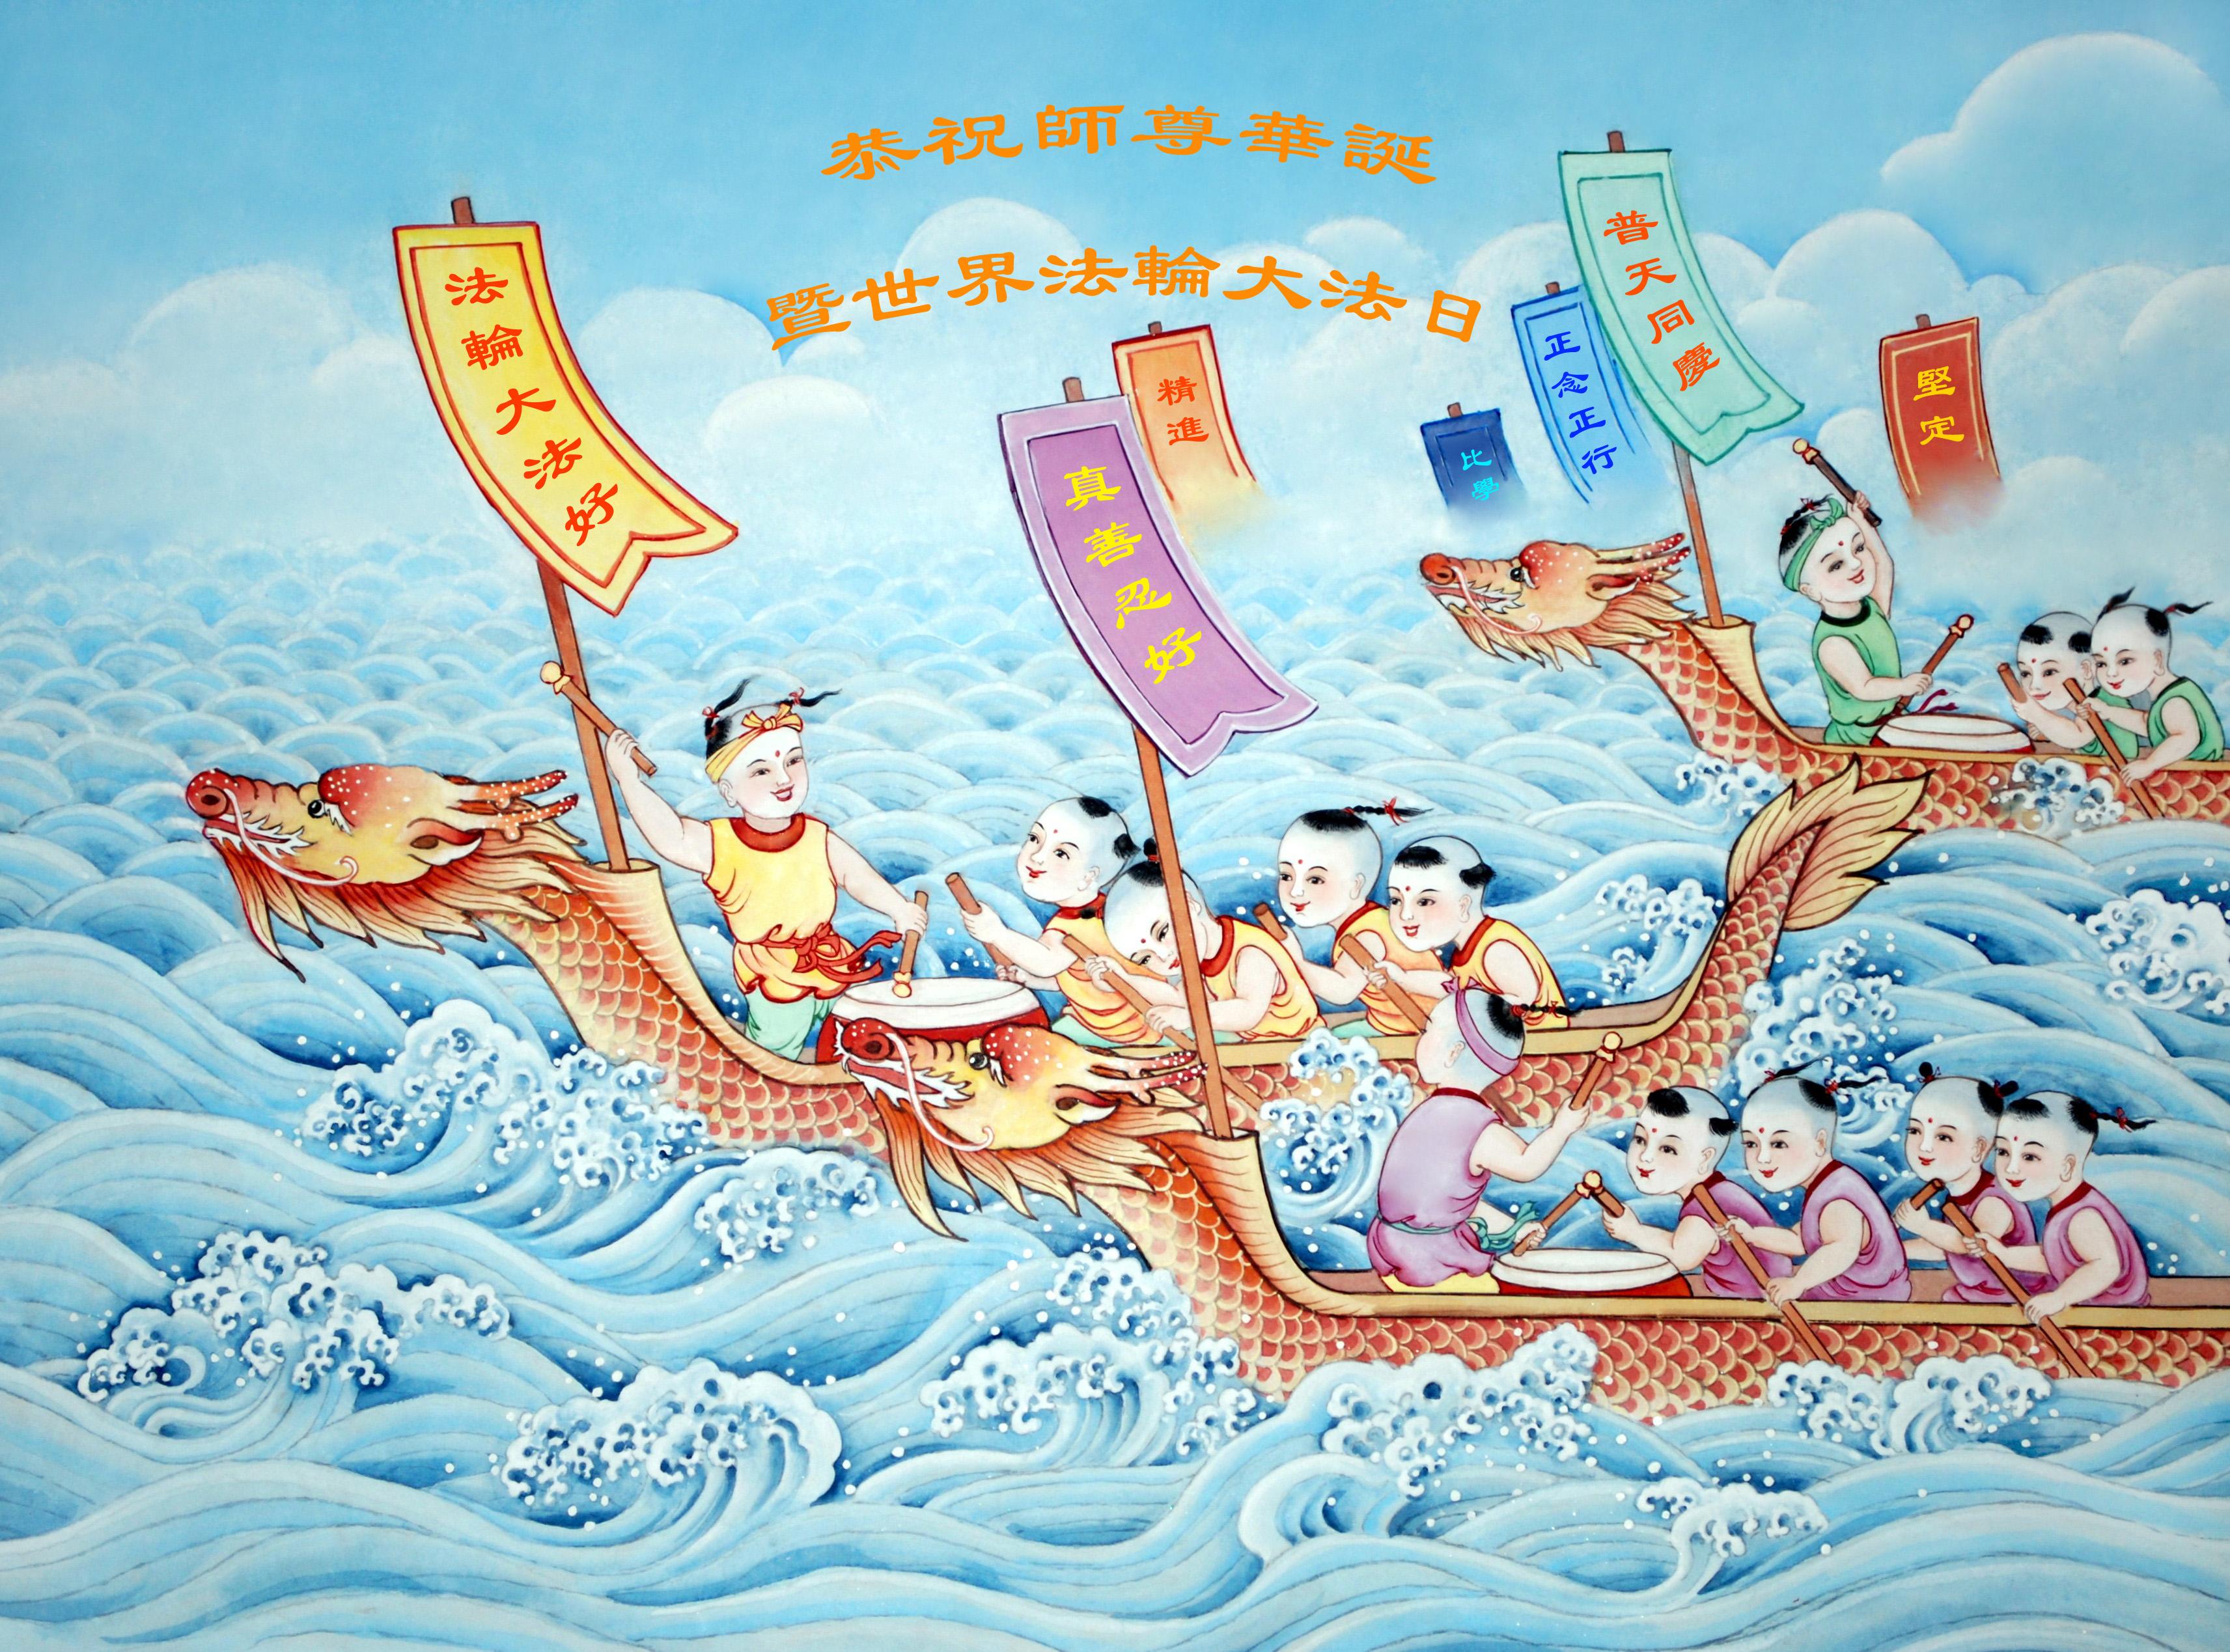 celebrating world falun dafa day painting dragon boat